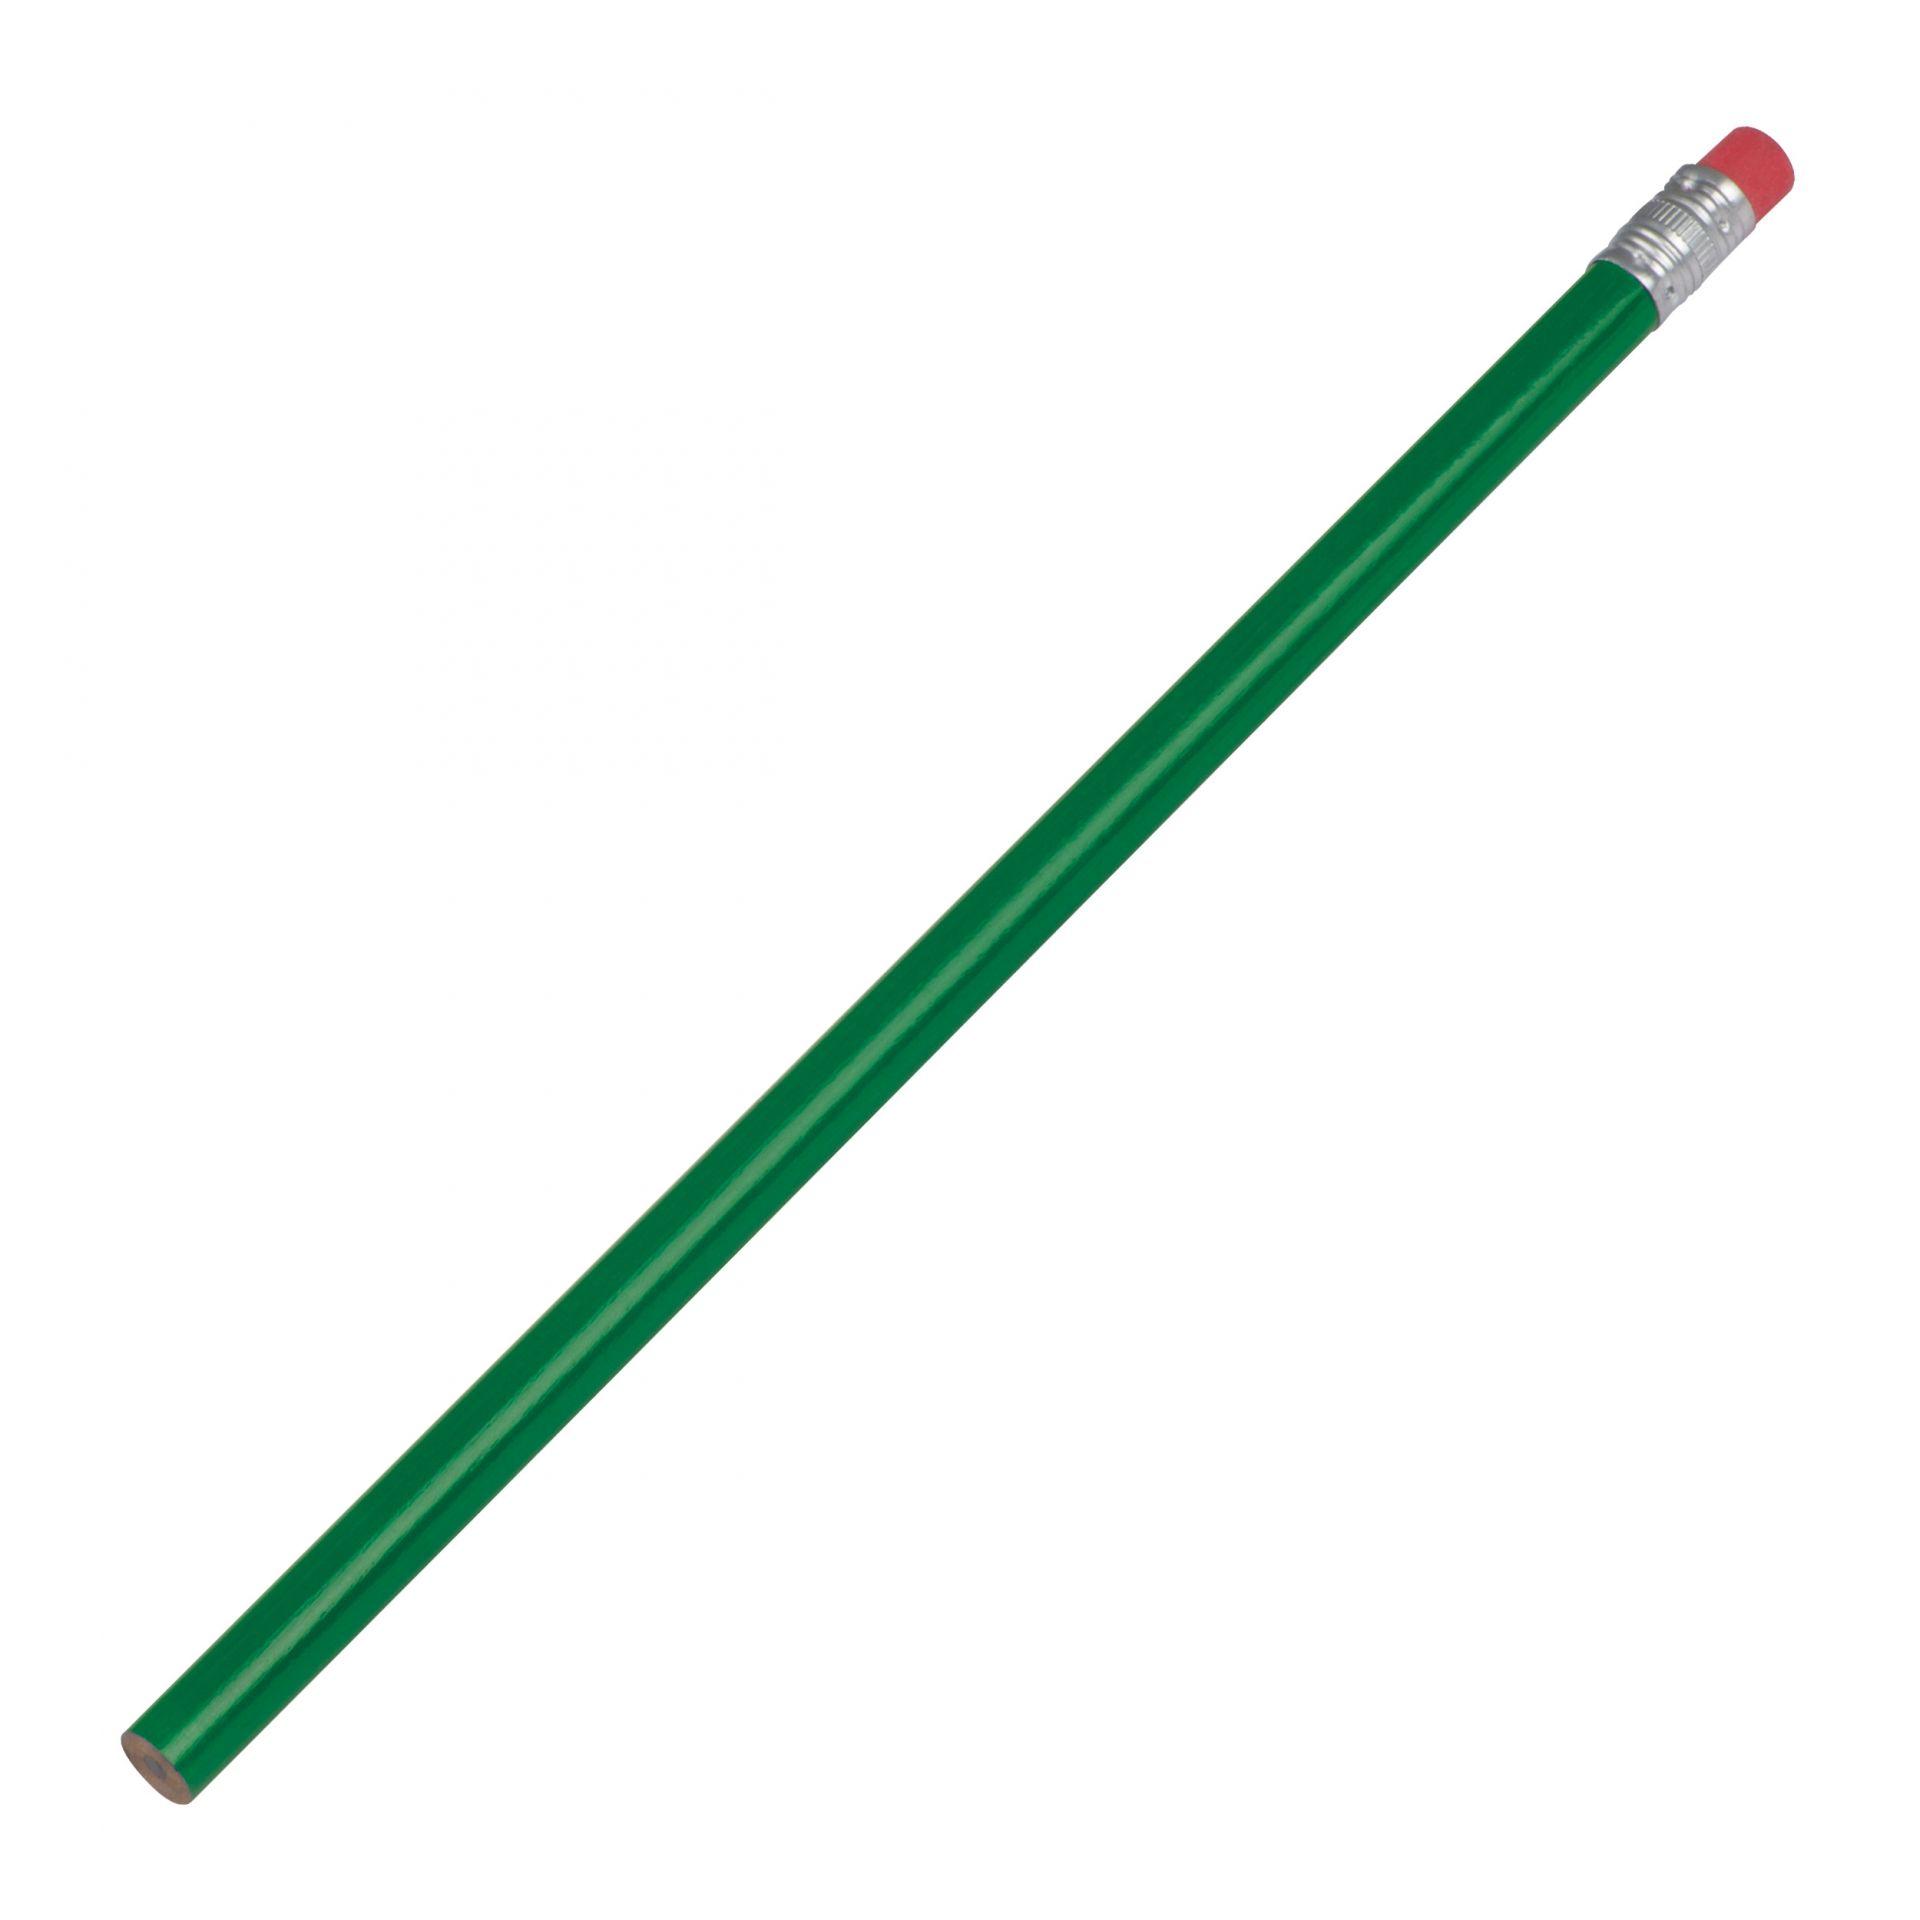 Dřevěná tužka s červenou gumou